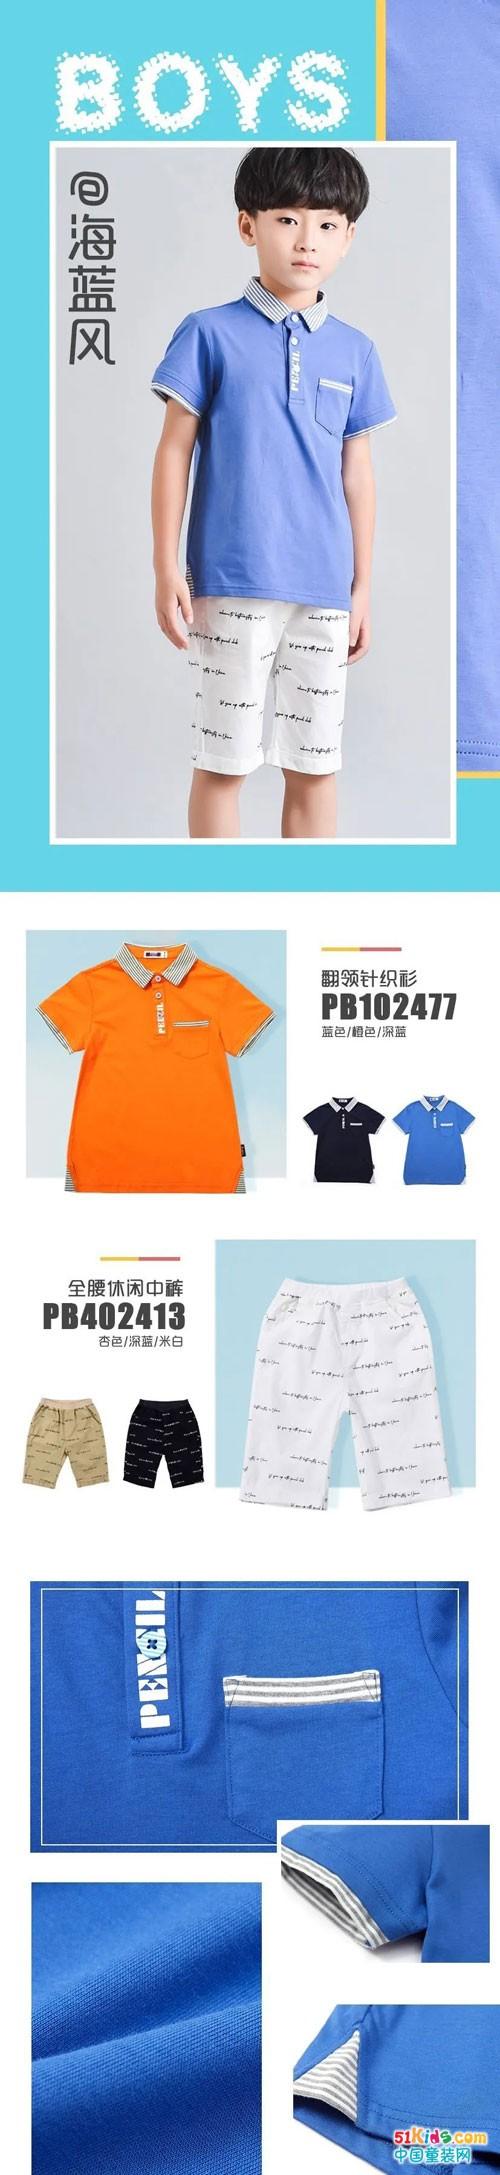 铅笔俱乐部POLO衫 | 衣橱里的爸爸装